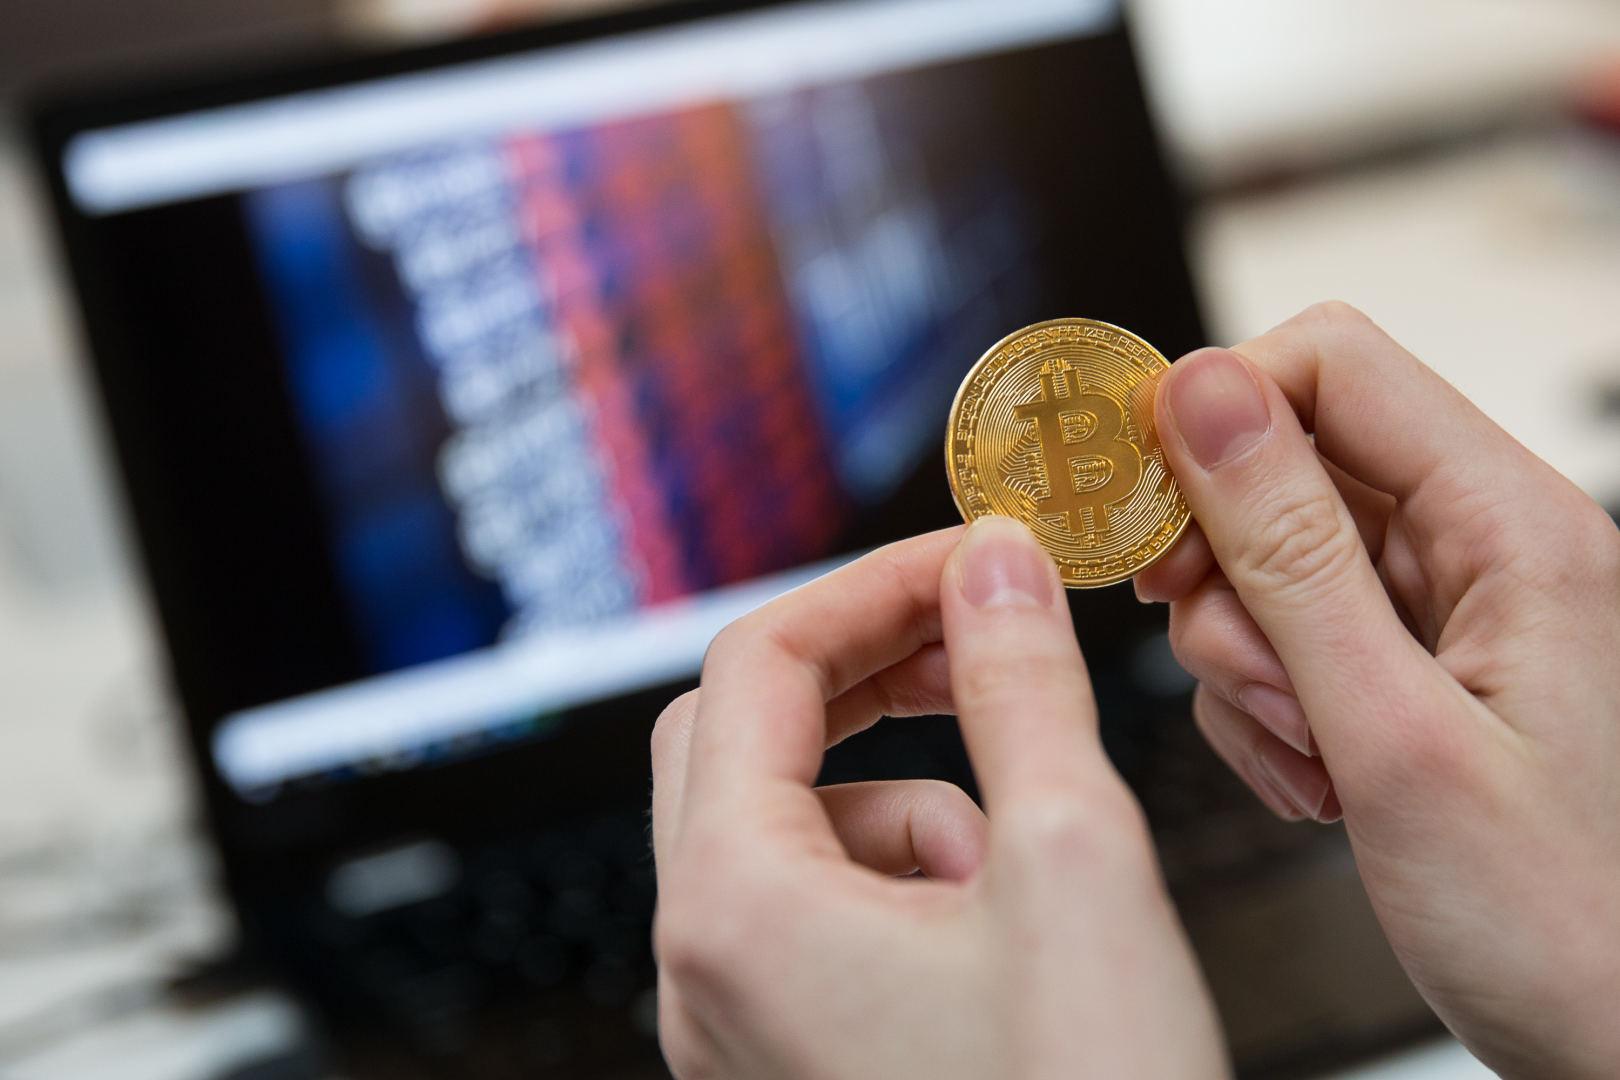 įveskite bitkoiną